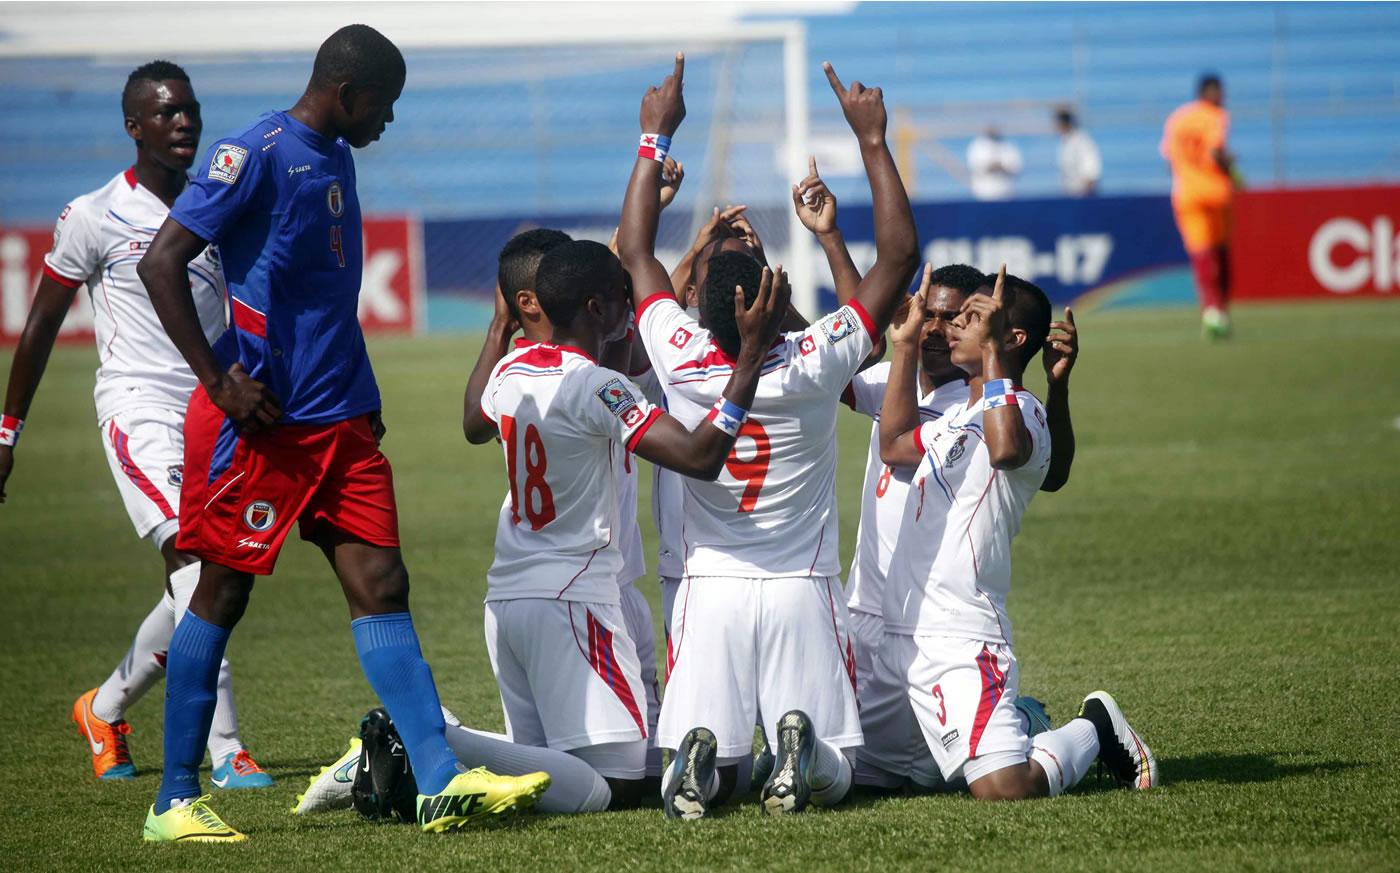 Haití 0-7 Panamá (Premundial Sub-17)